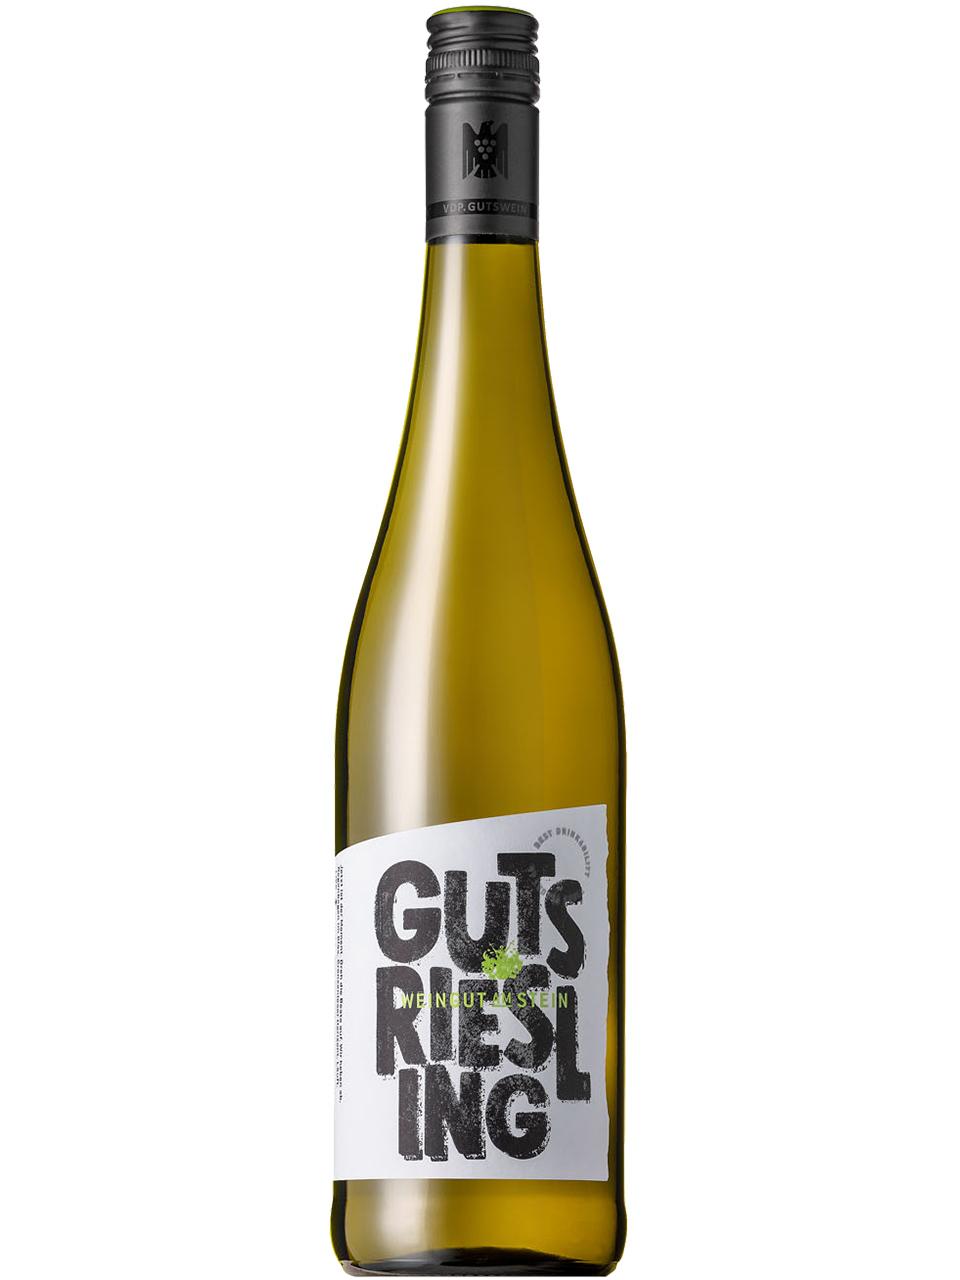 Weingut am Stein Guts Riesling